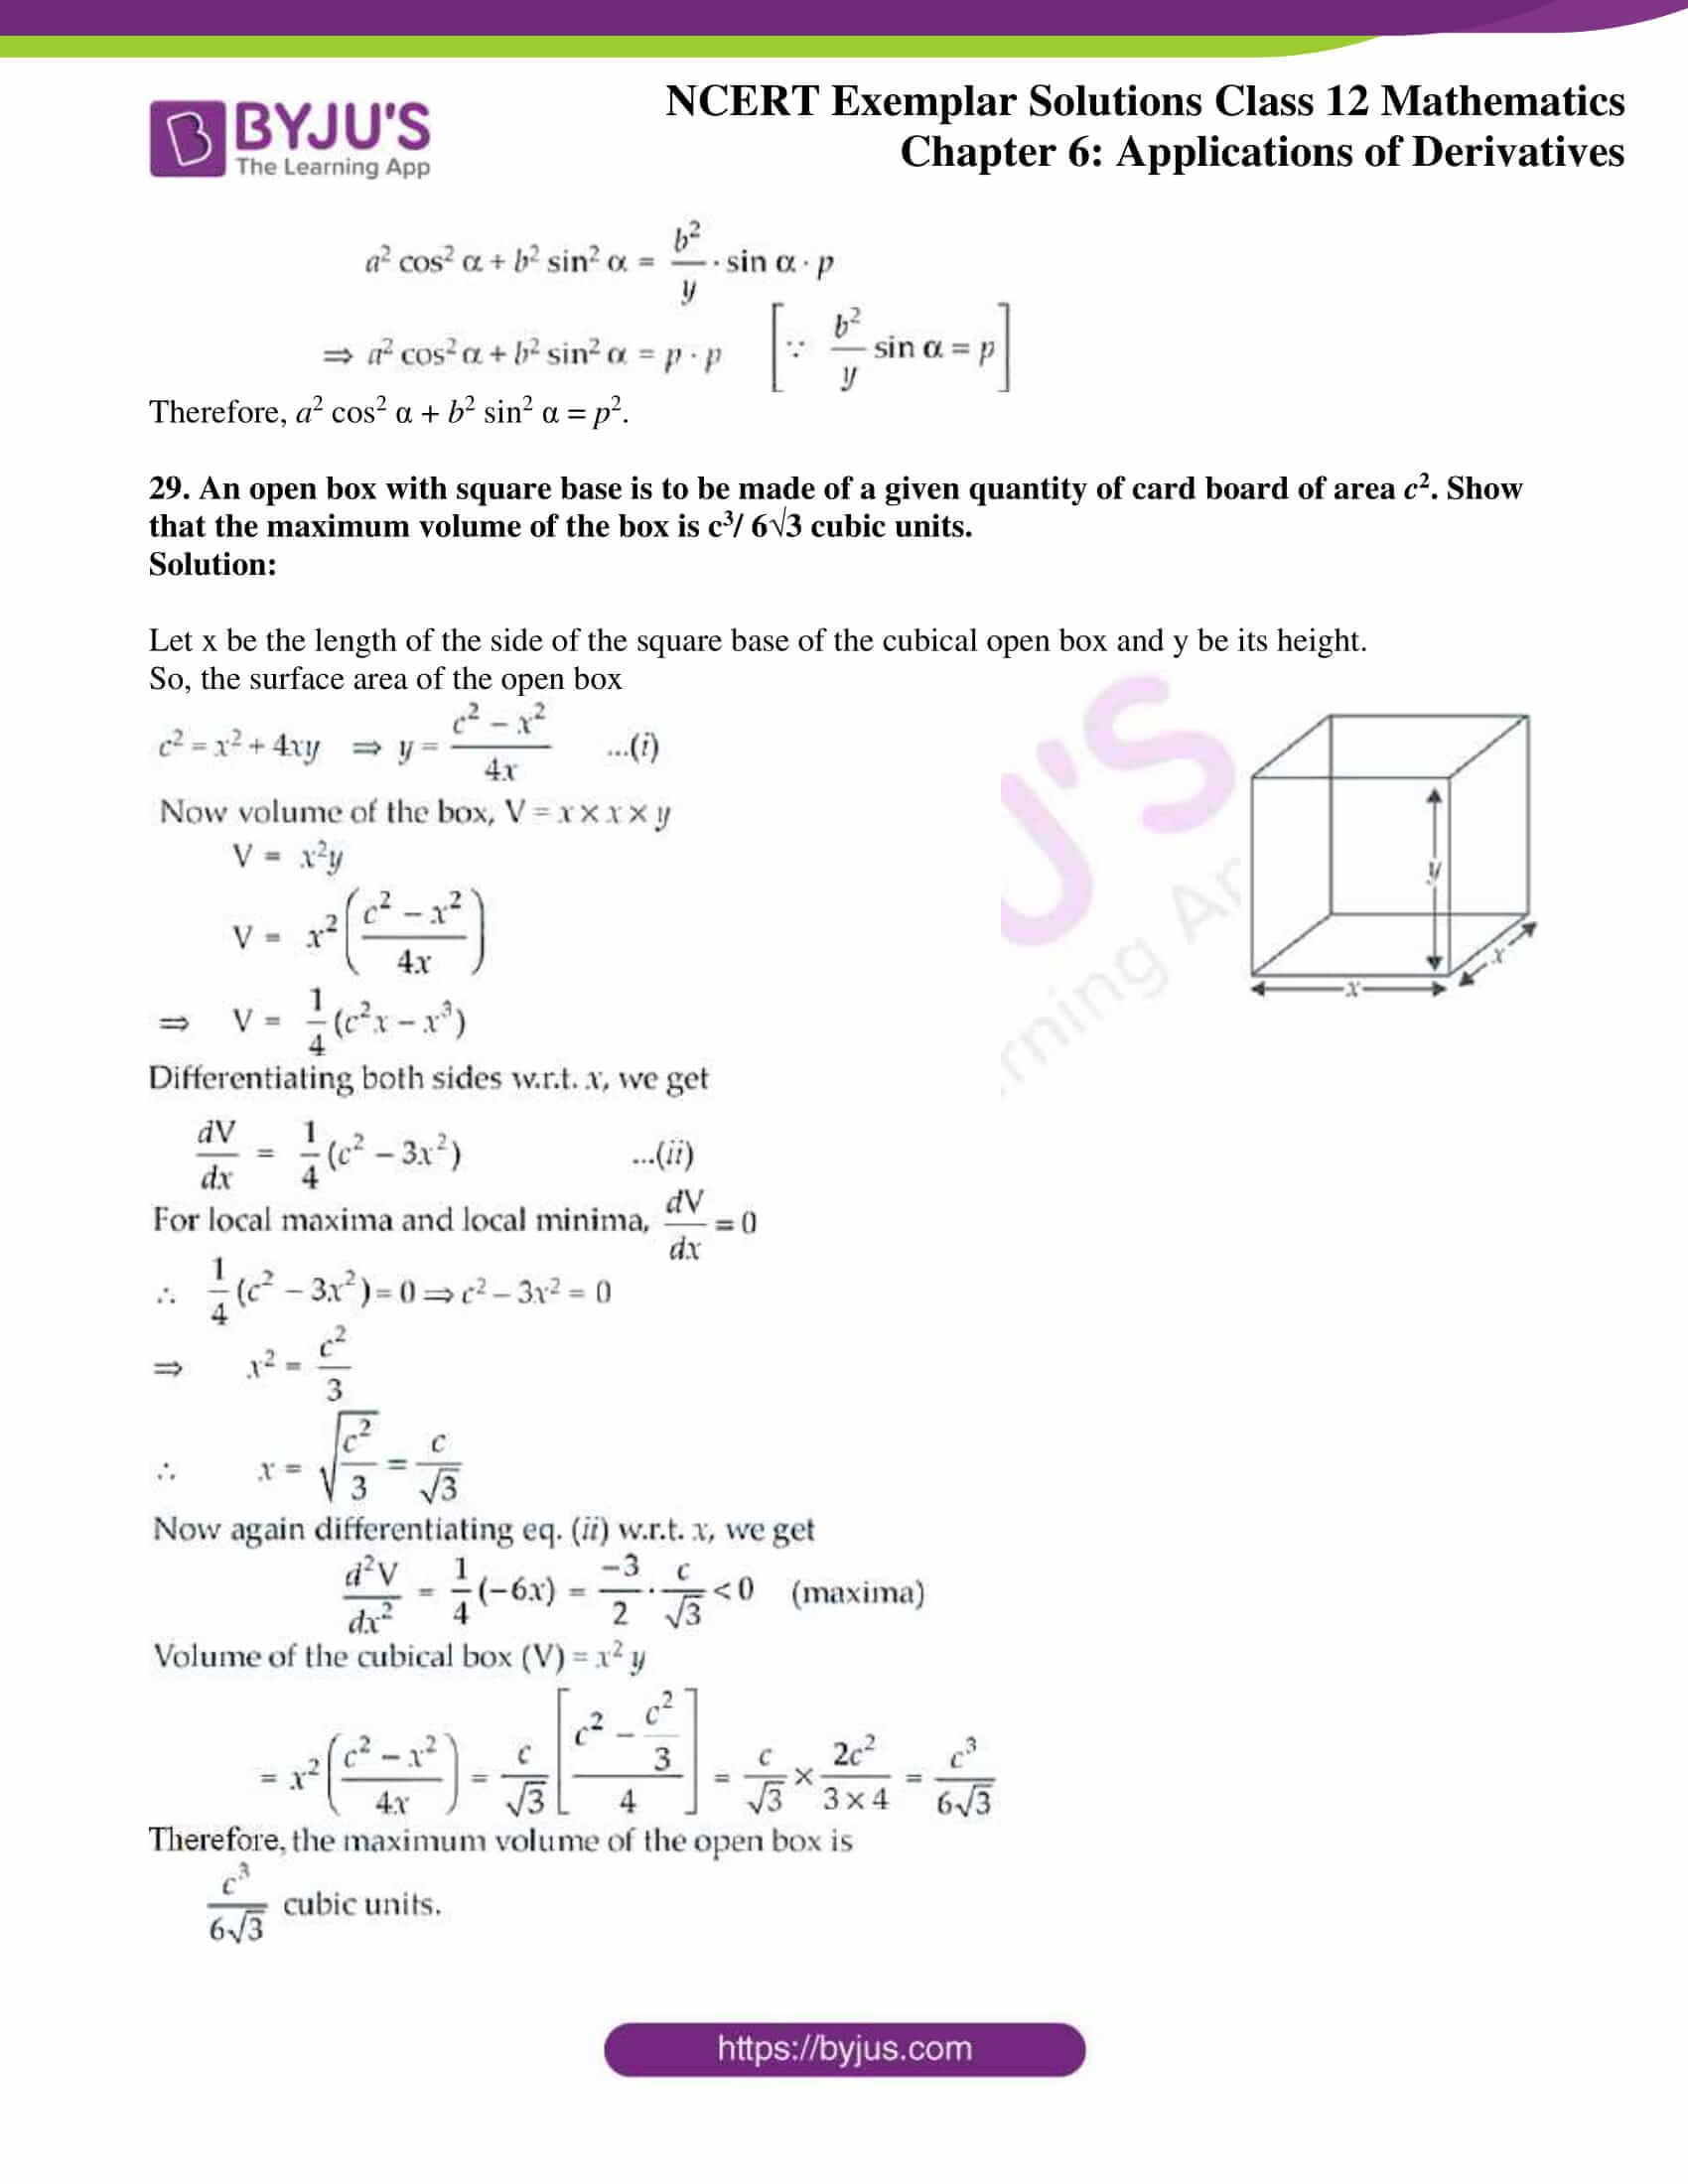 ncert exemplar sol class 12 math ch6 17